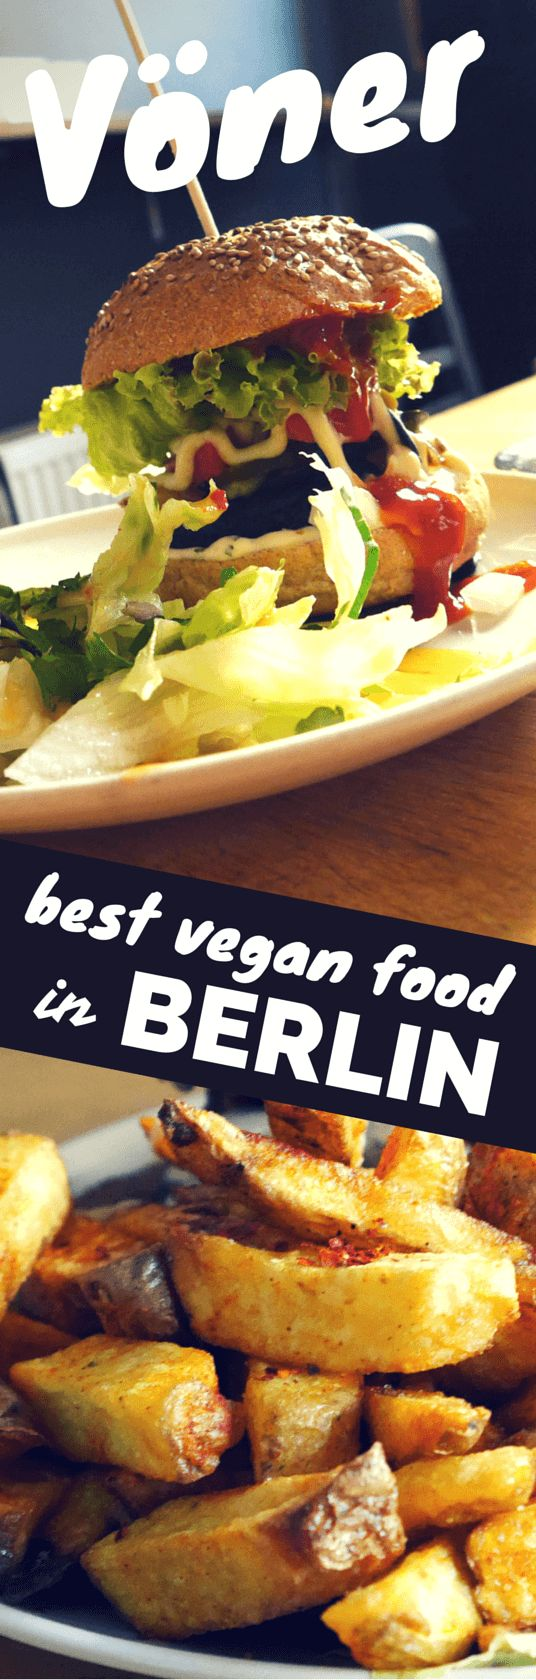 Liebe veganes Essen & wollen das beste Essen in der wohl besten veganes Restaurant in Berlin zu versuchen? Versuchen Sie, eine köstliche vegan Kebab Voner Berliner Fast-Food-Oase.